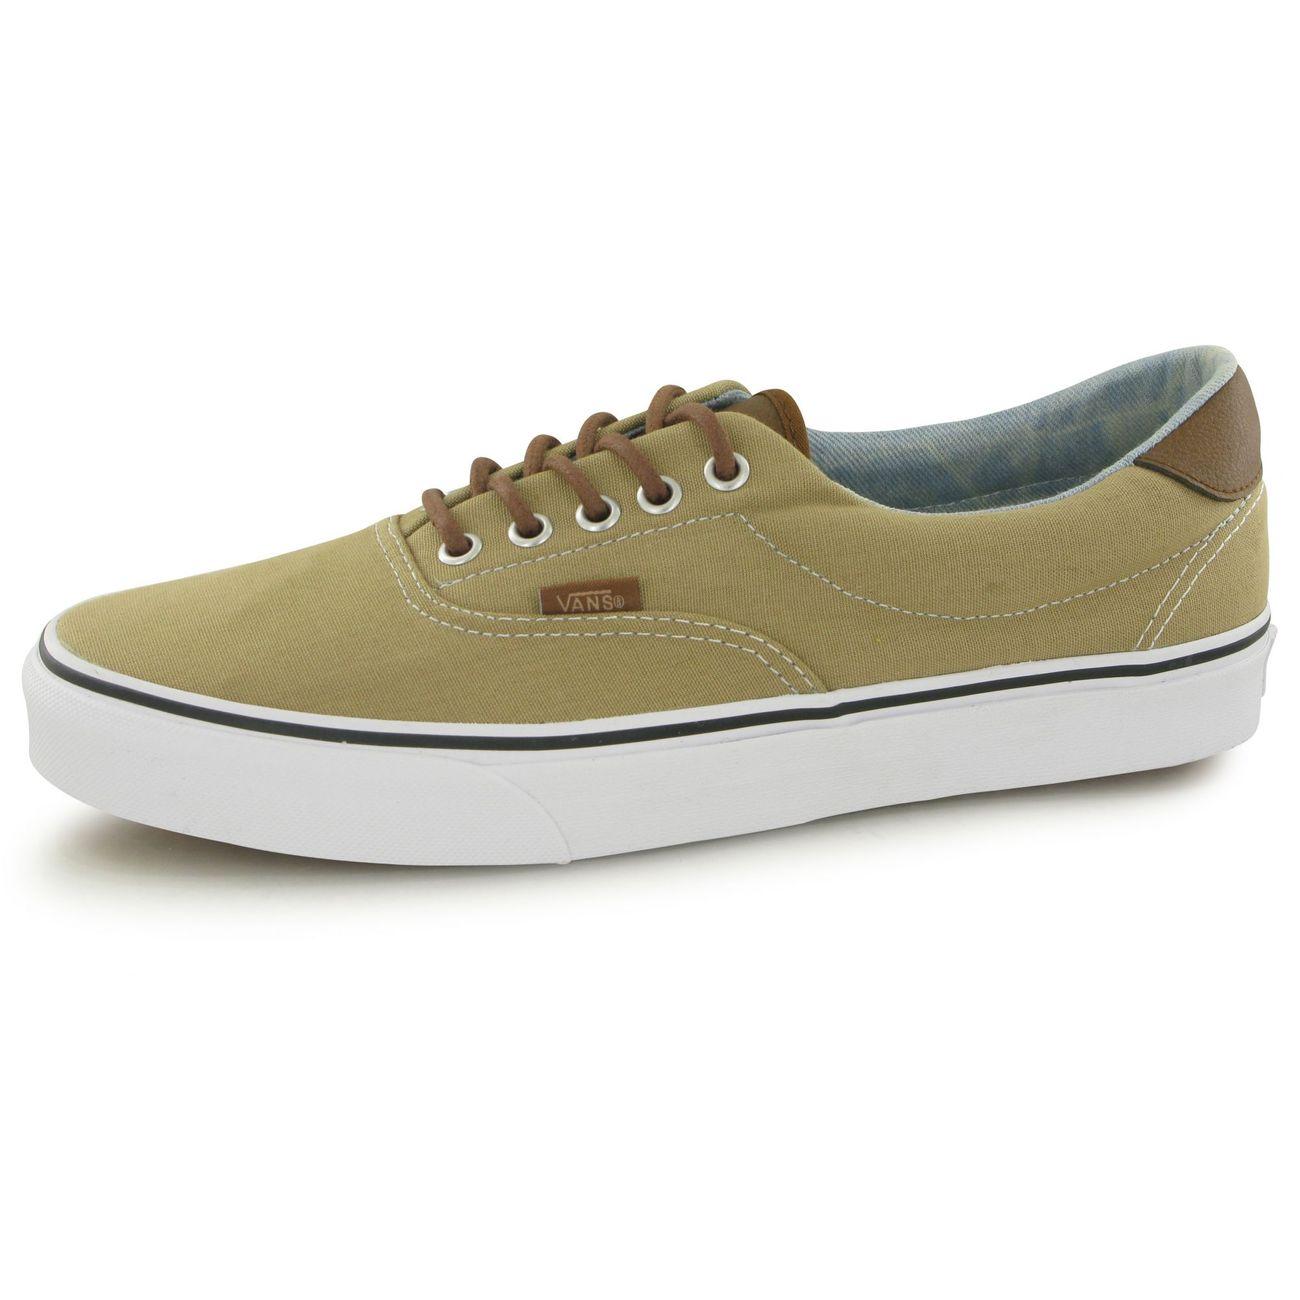 Vans C&L Era 59 Kaki Soldes | Vans Chaussures Basses Homme